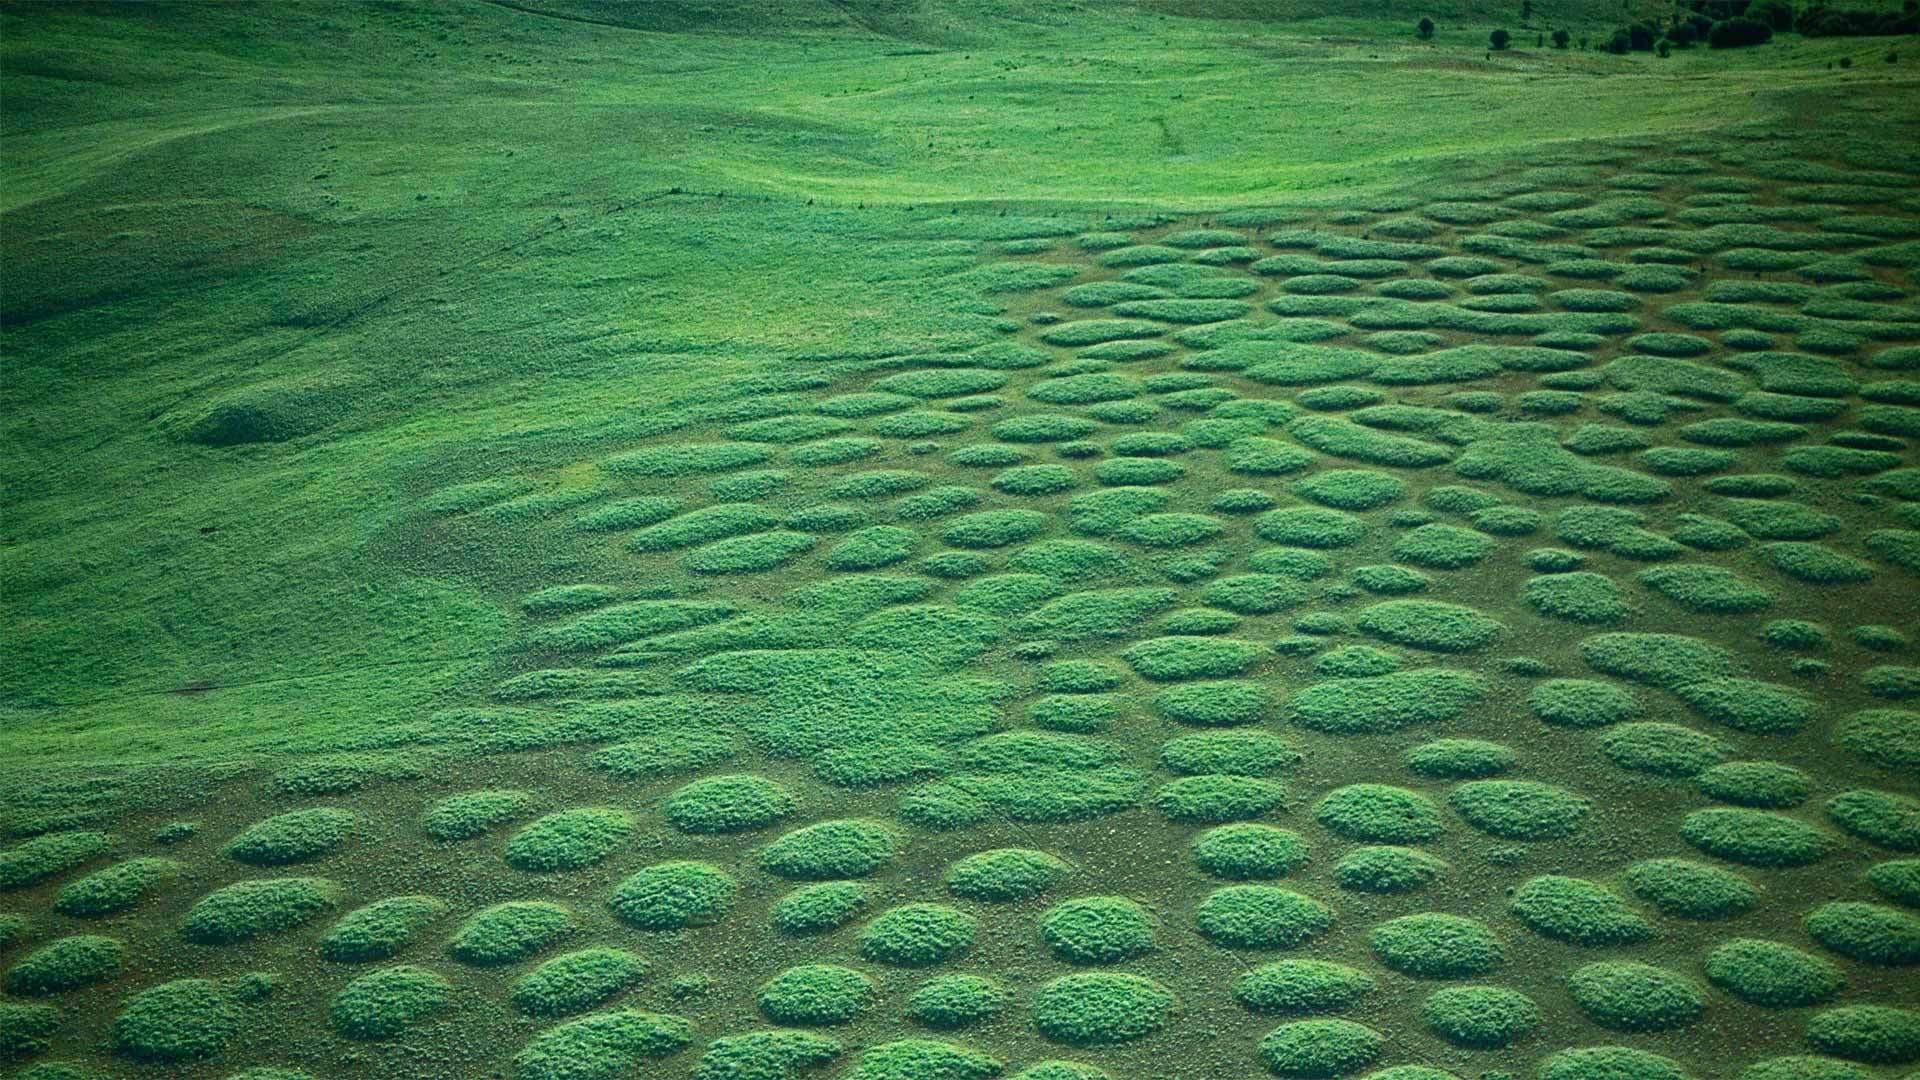 俄勒冈州Zumwalt Prairie的草原土墩